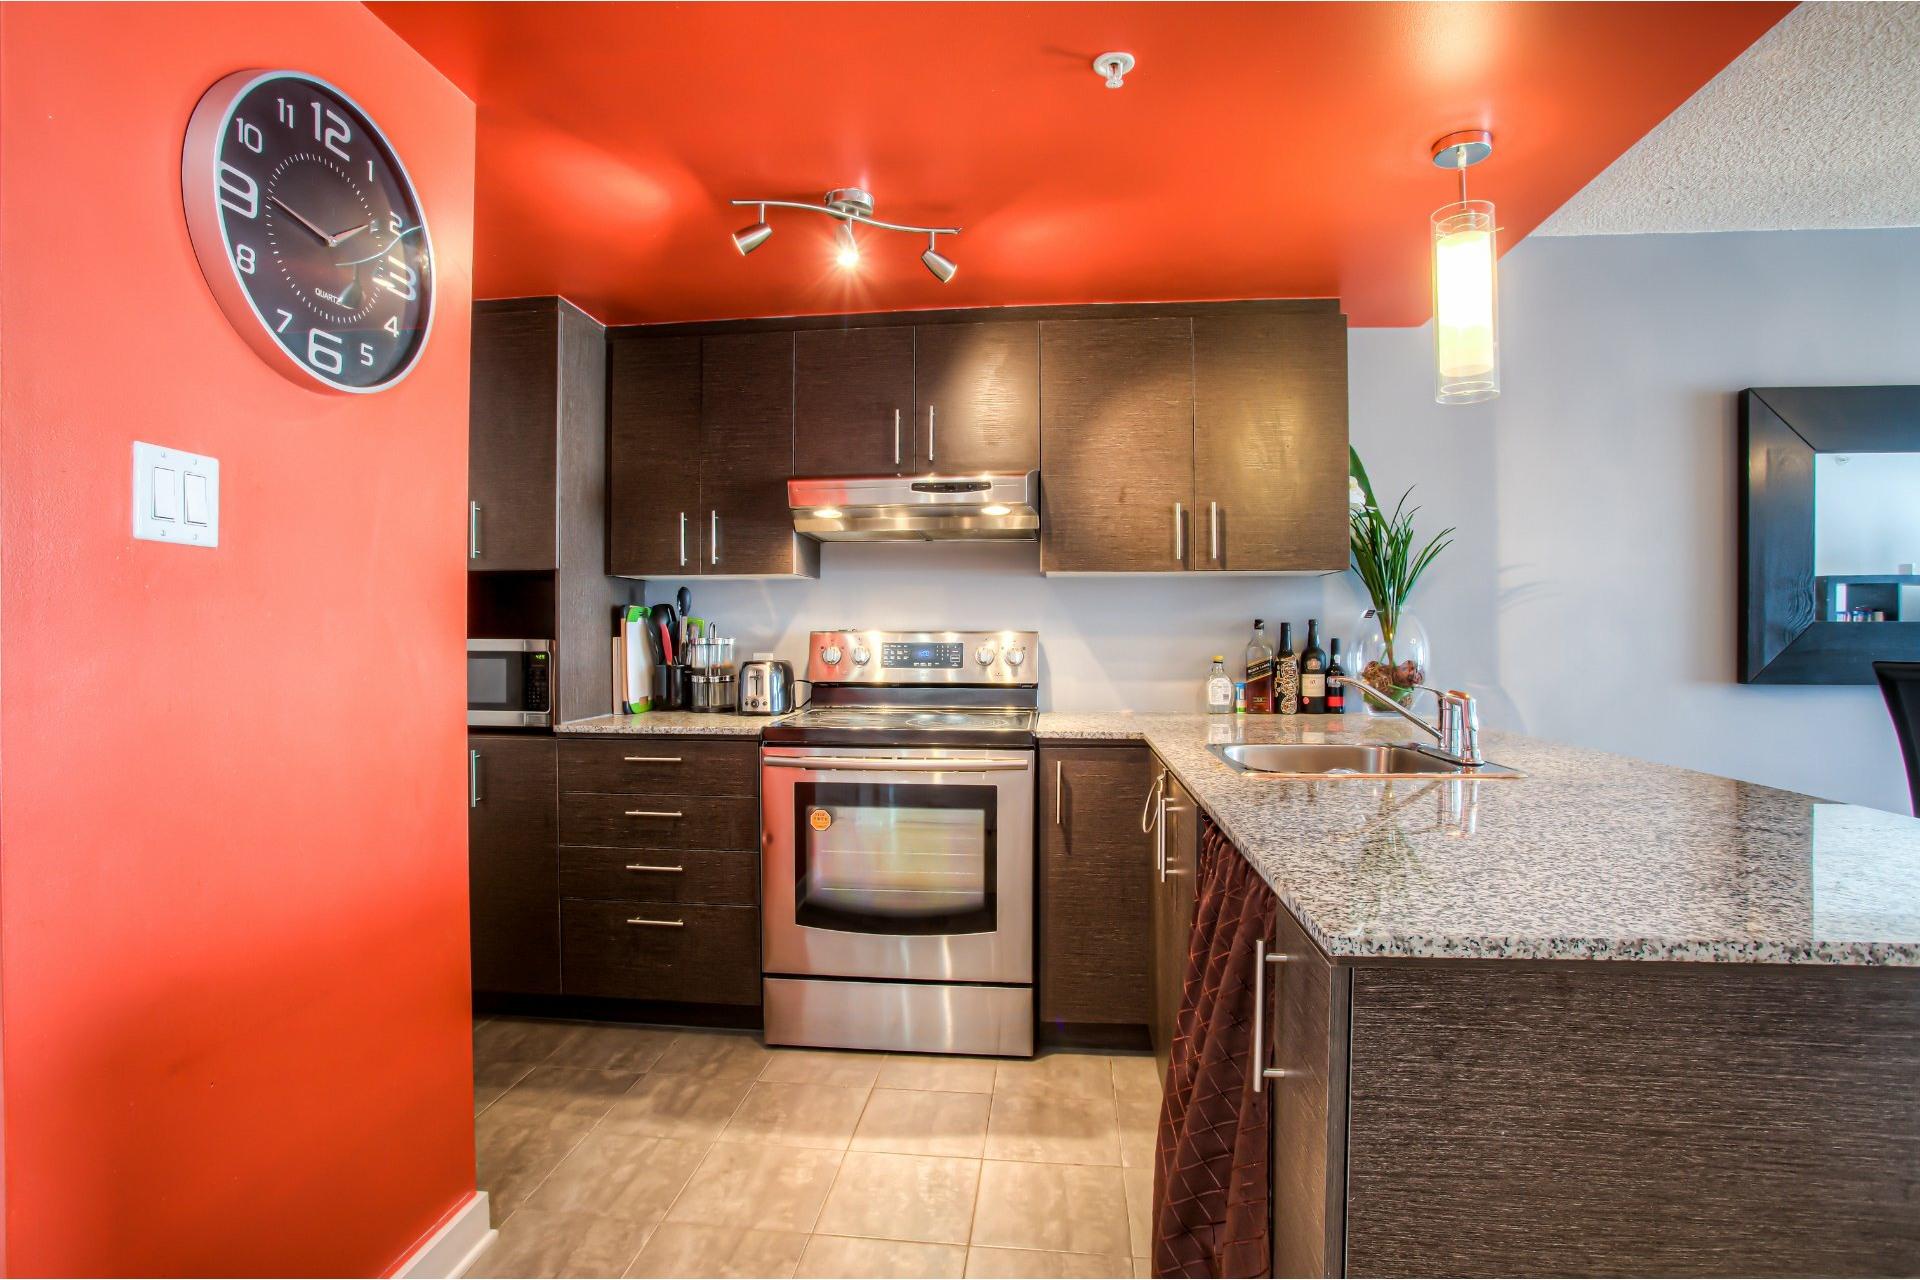 image 8 - Appartement À vendre Ahuntsic-Cartierville Montréal  - 3 pièces